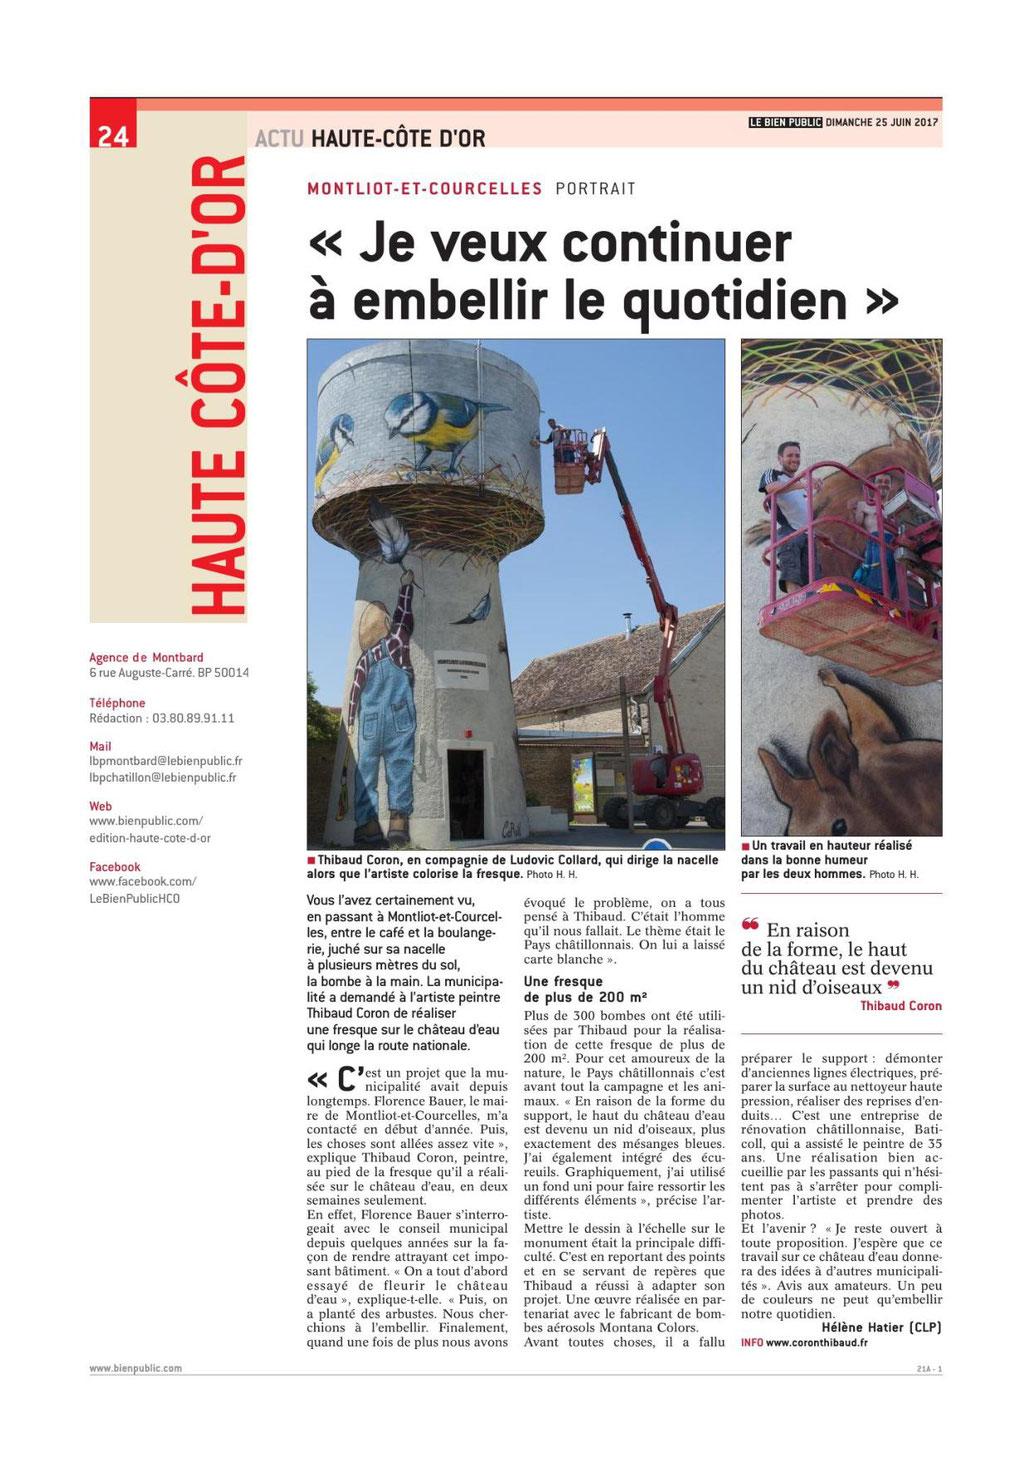 fresque-château-d'eau-coron-côte-d'or-montliot-le-bien-public